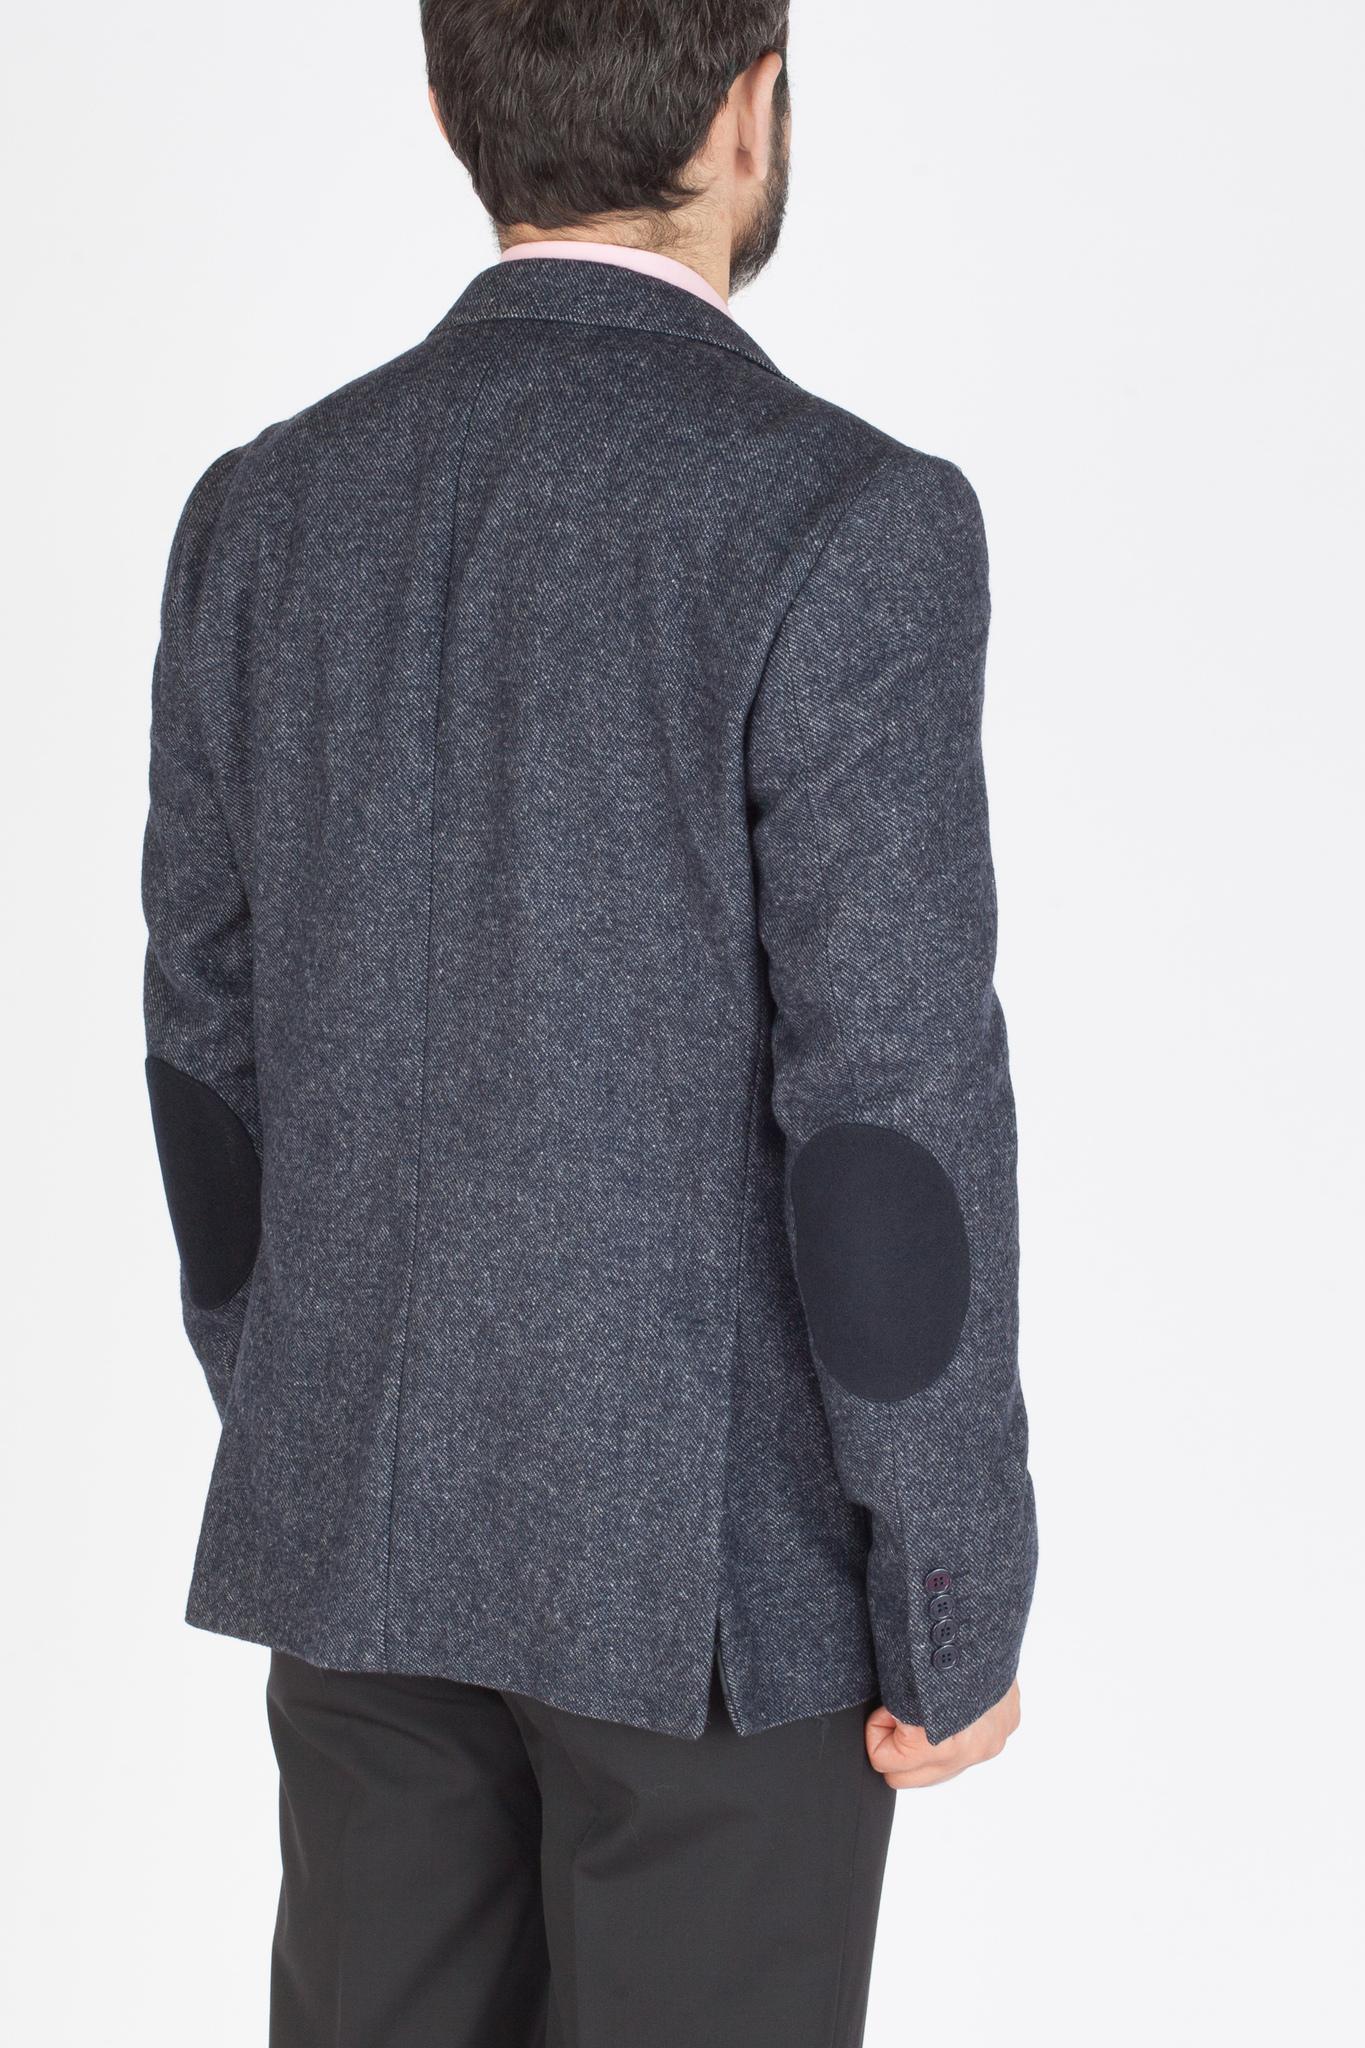 Сине-серый пиджак «в рубчик» из шерсти и хлопка